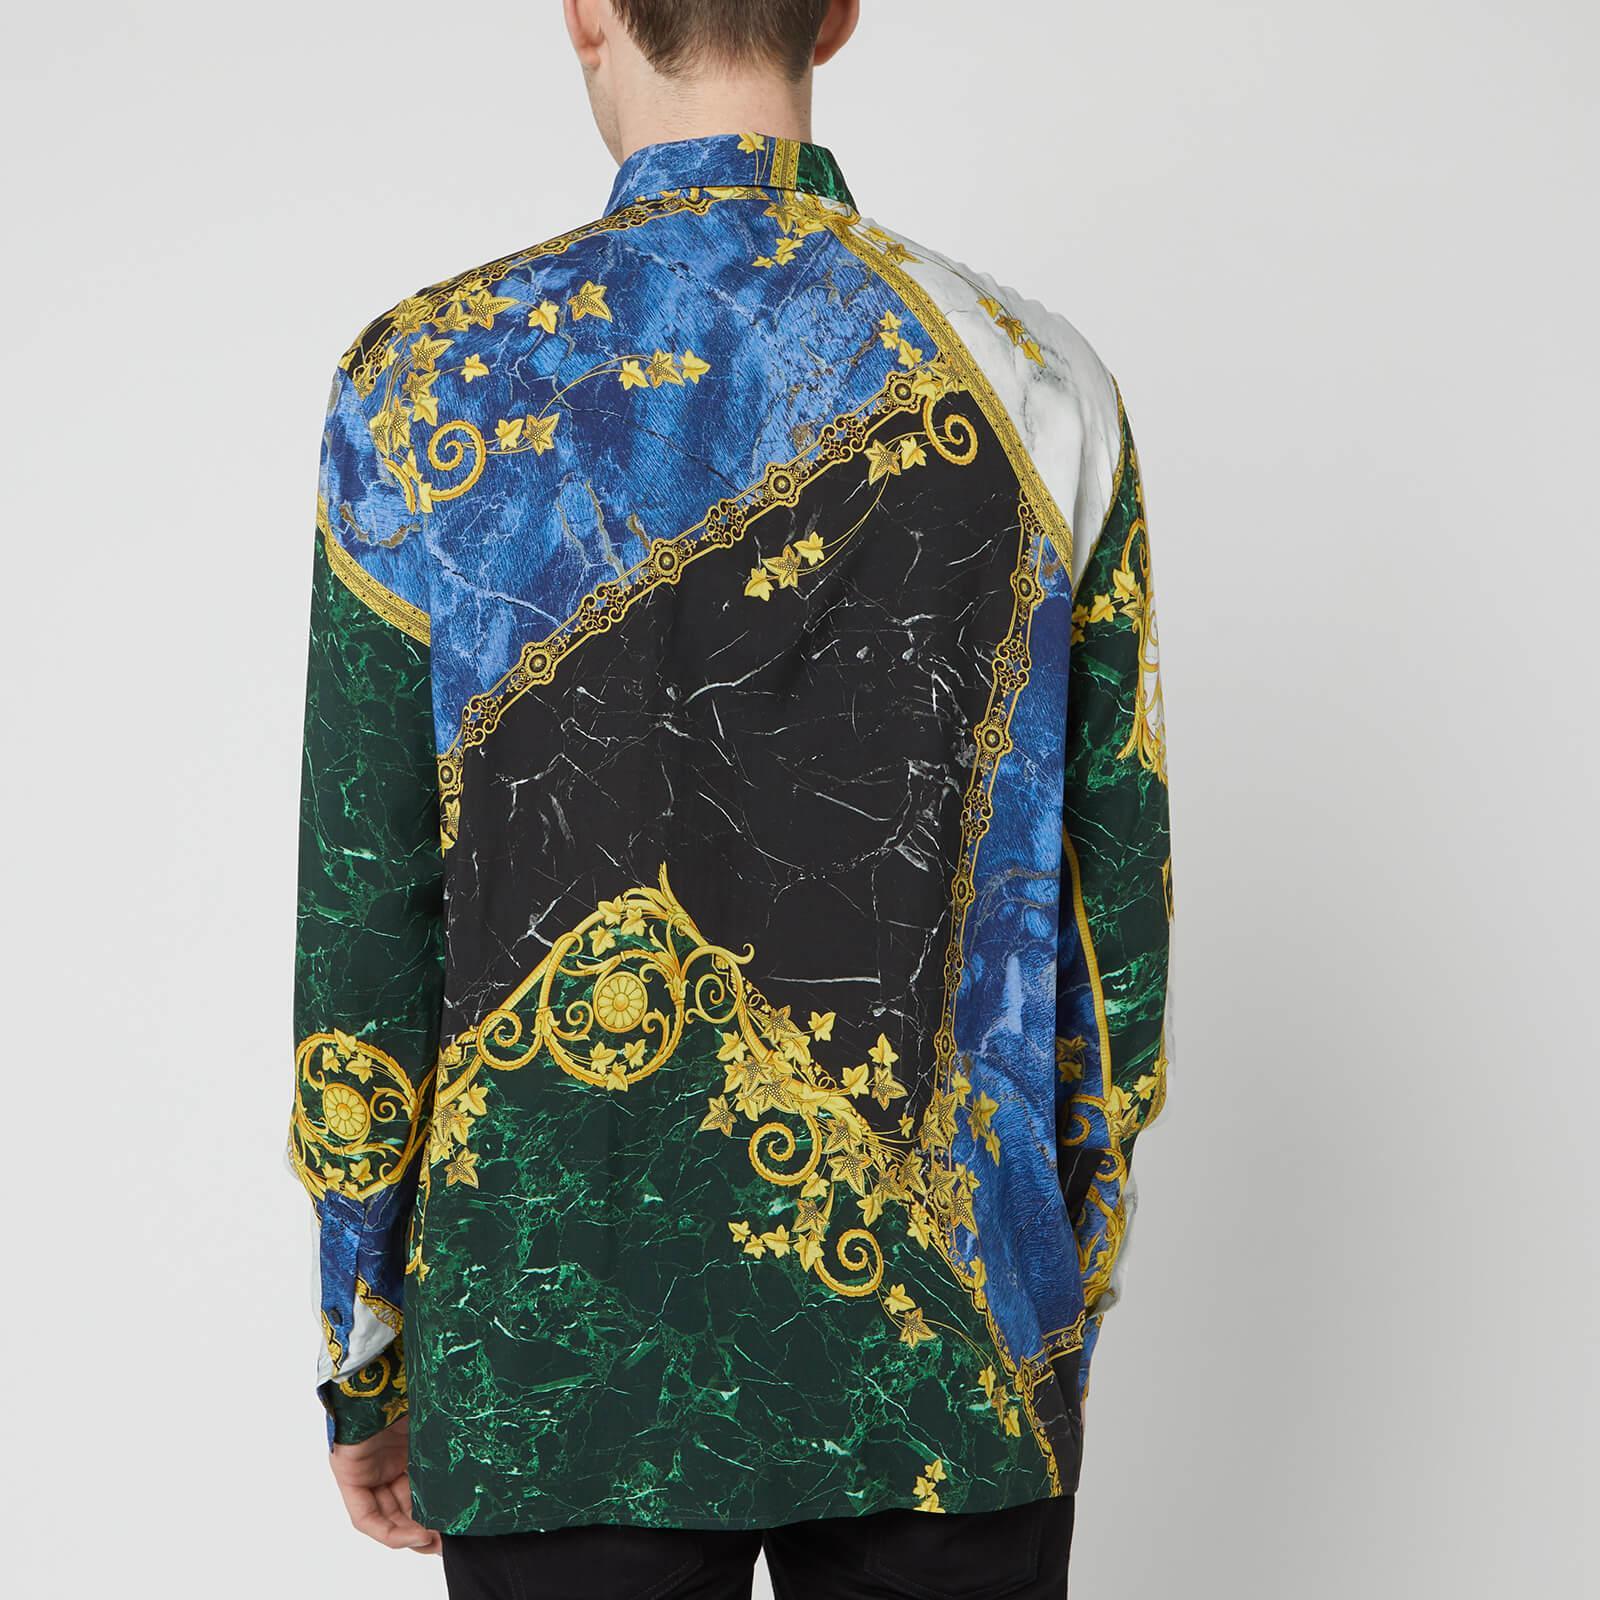 16f0d2f02 Versace - Blue Shirt for Men - Lyst. View fullscreen